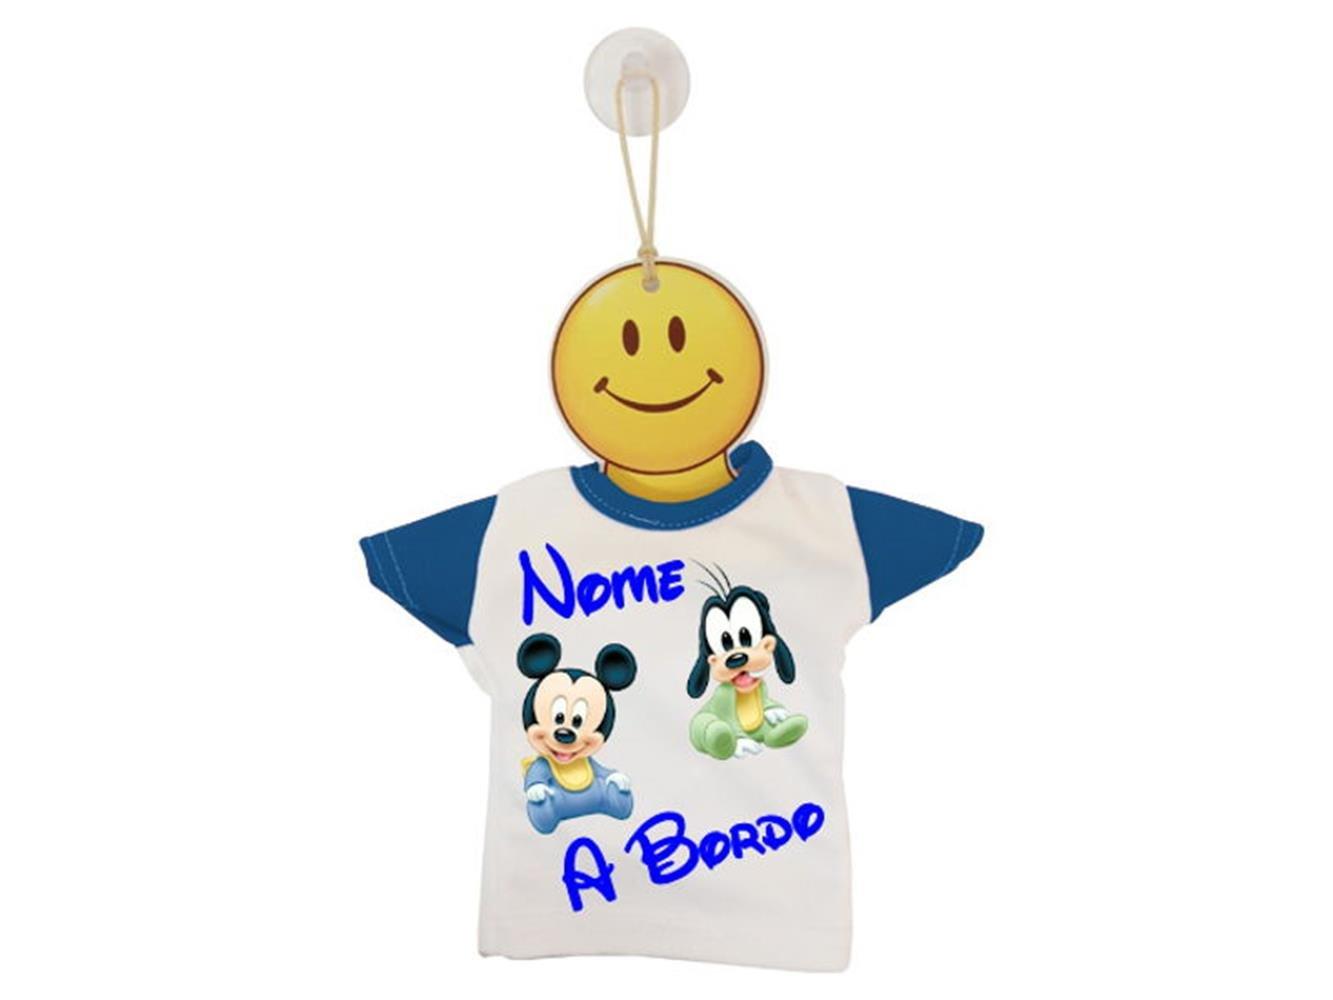 MINI T-SHIRT BIMBO A BORDO BICOLORE TOPOLINO E PLUTO-Nero / Bianco ATELIER DEL RICAMO